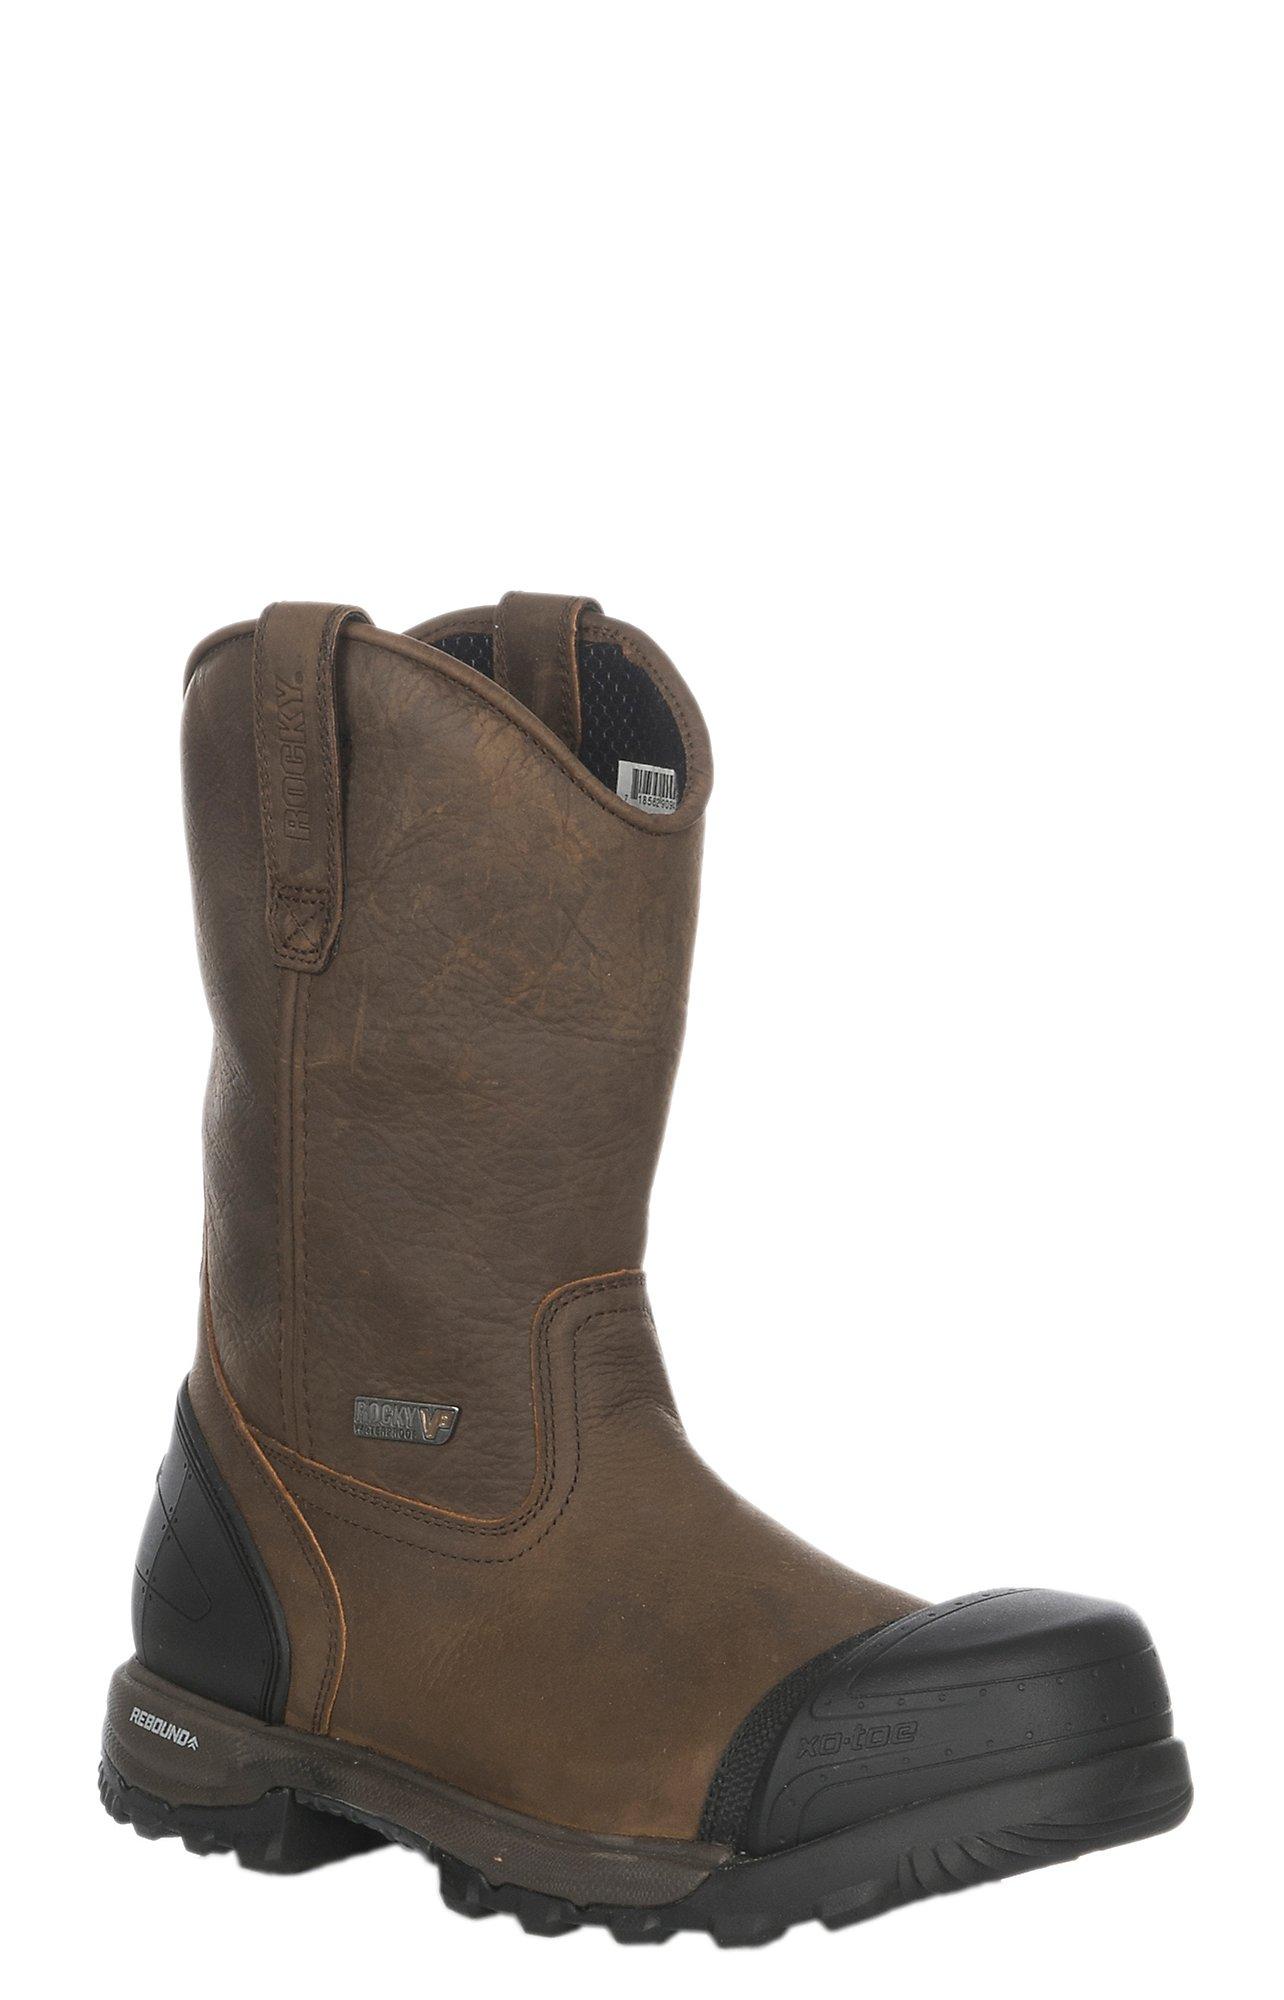 f2dbf375e42 Rocky Boots